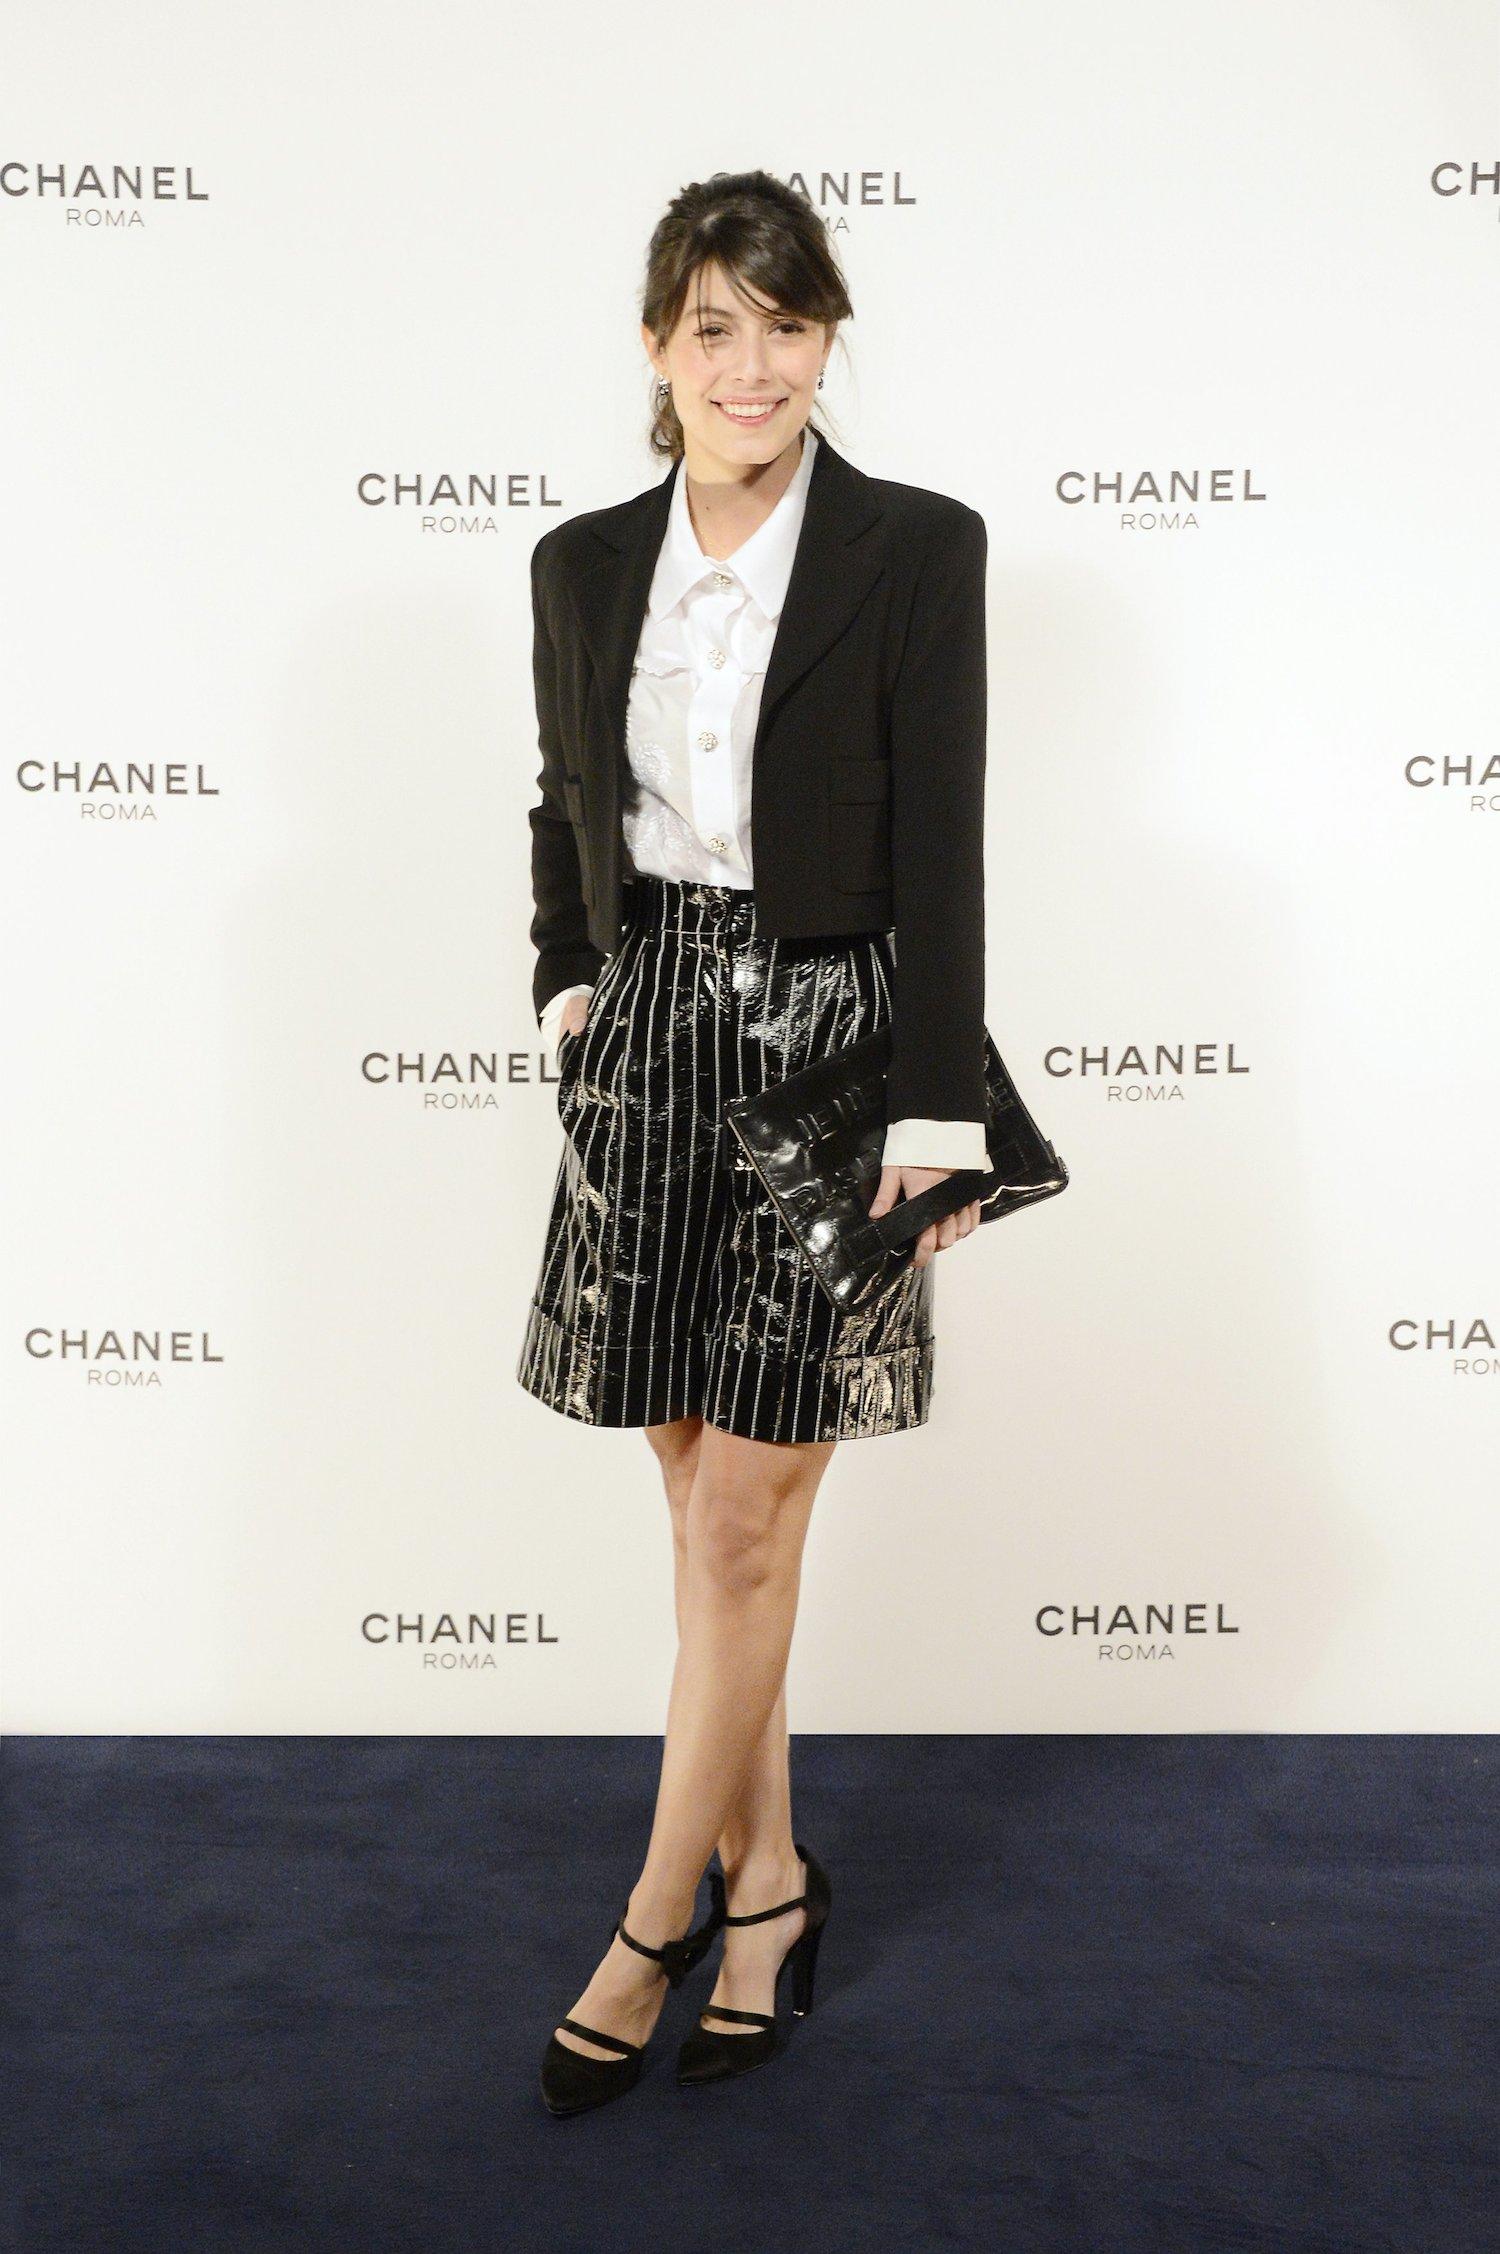 Chanel Rome Party Opening - Alessandra Mastronardi